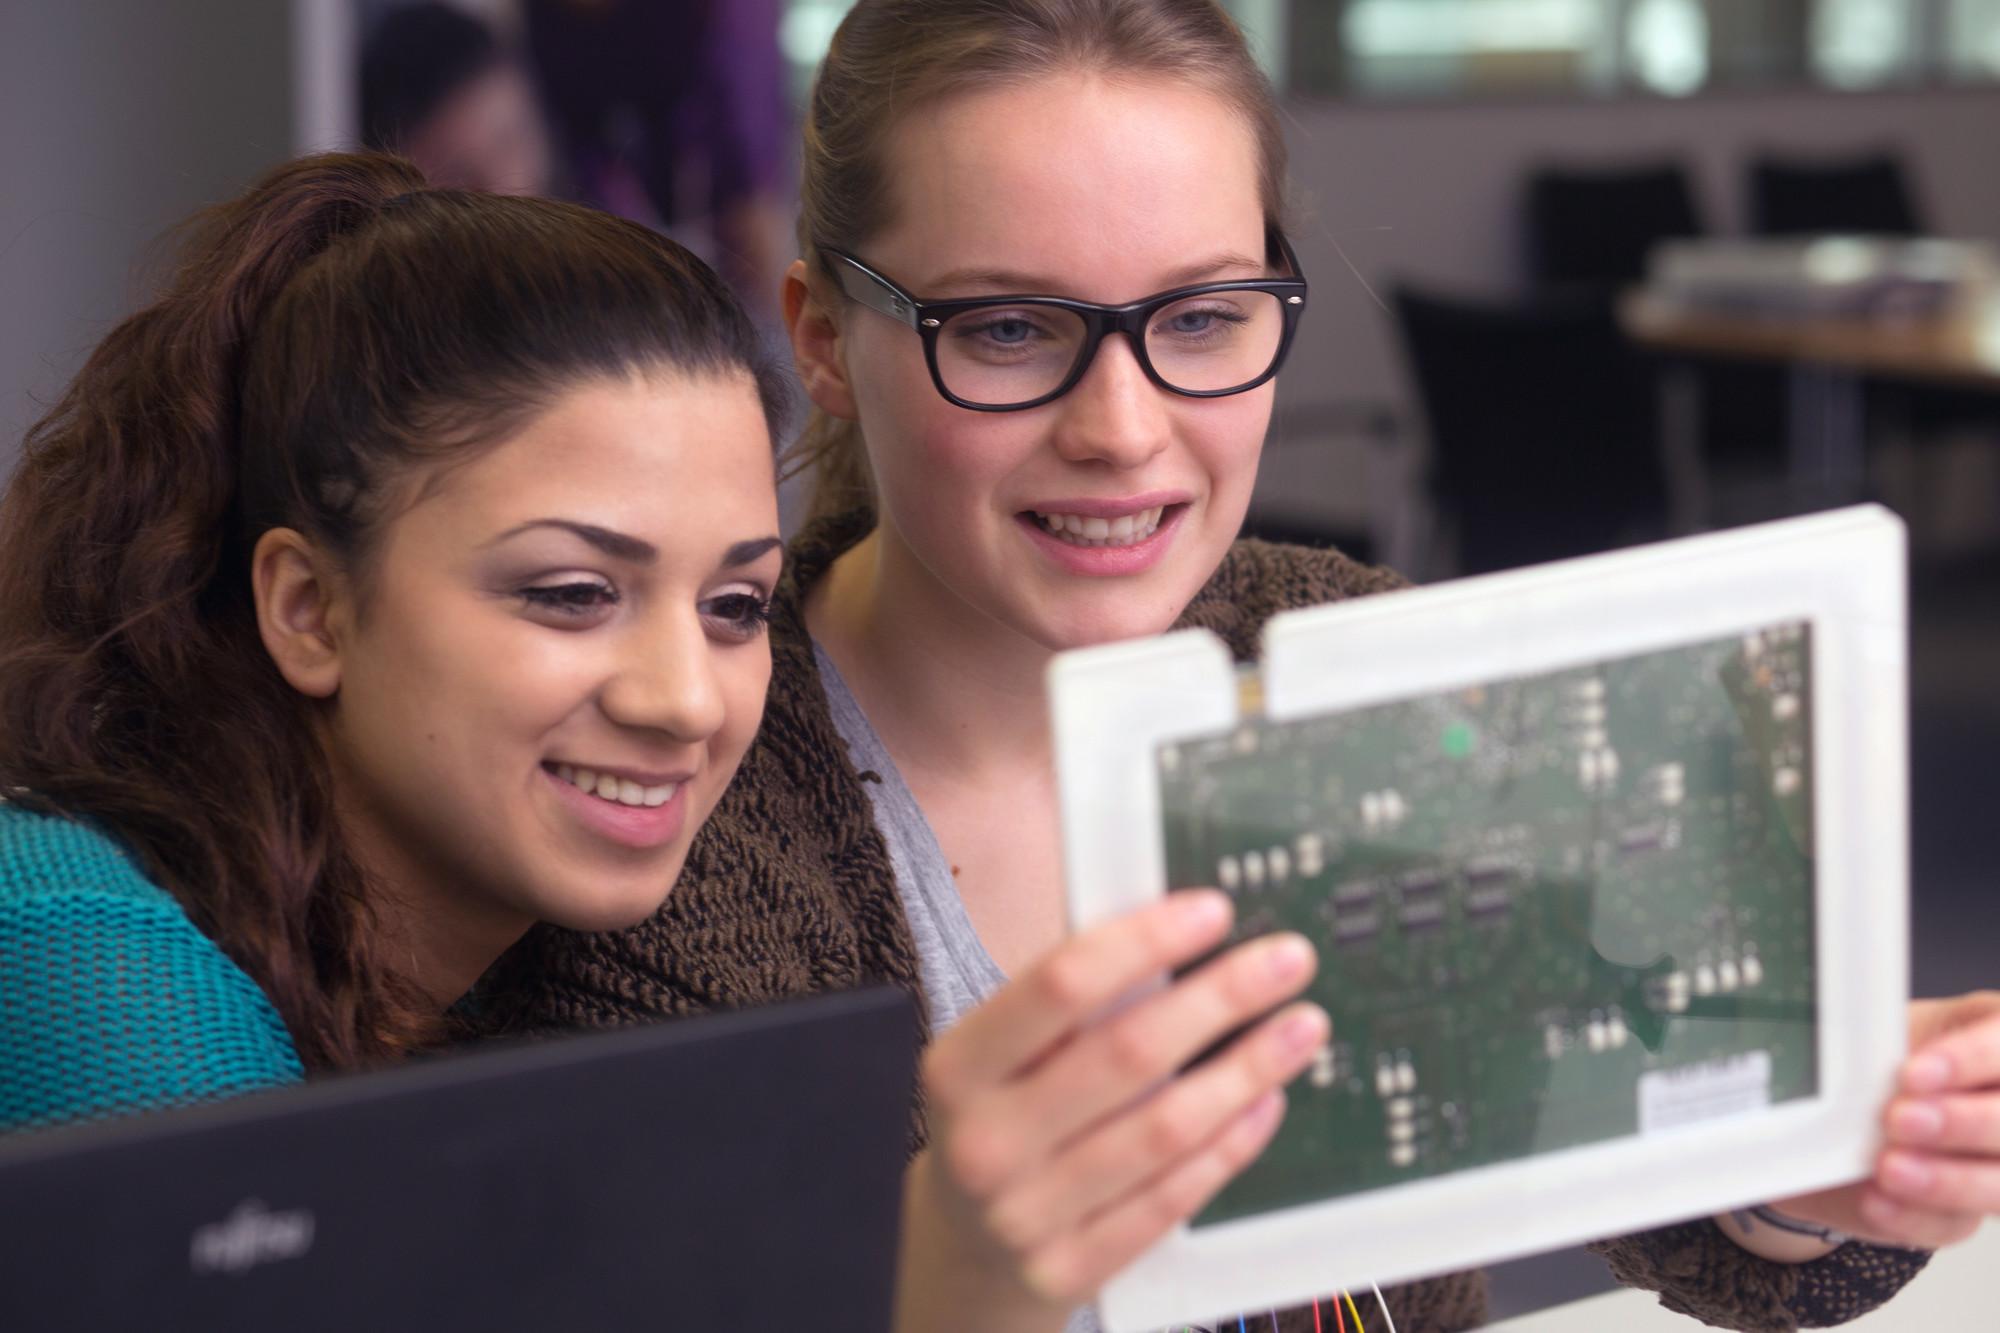 Zwei Schülerinnen mit einer Platine